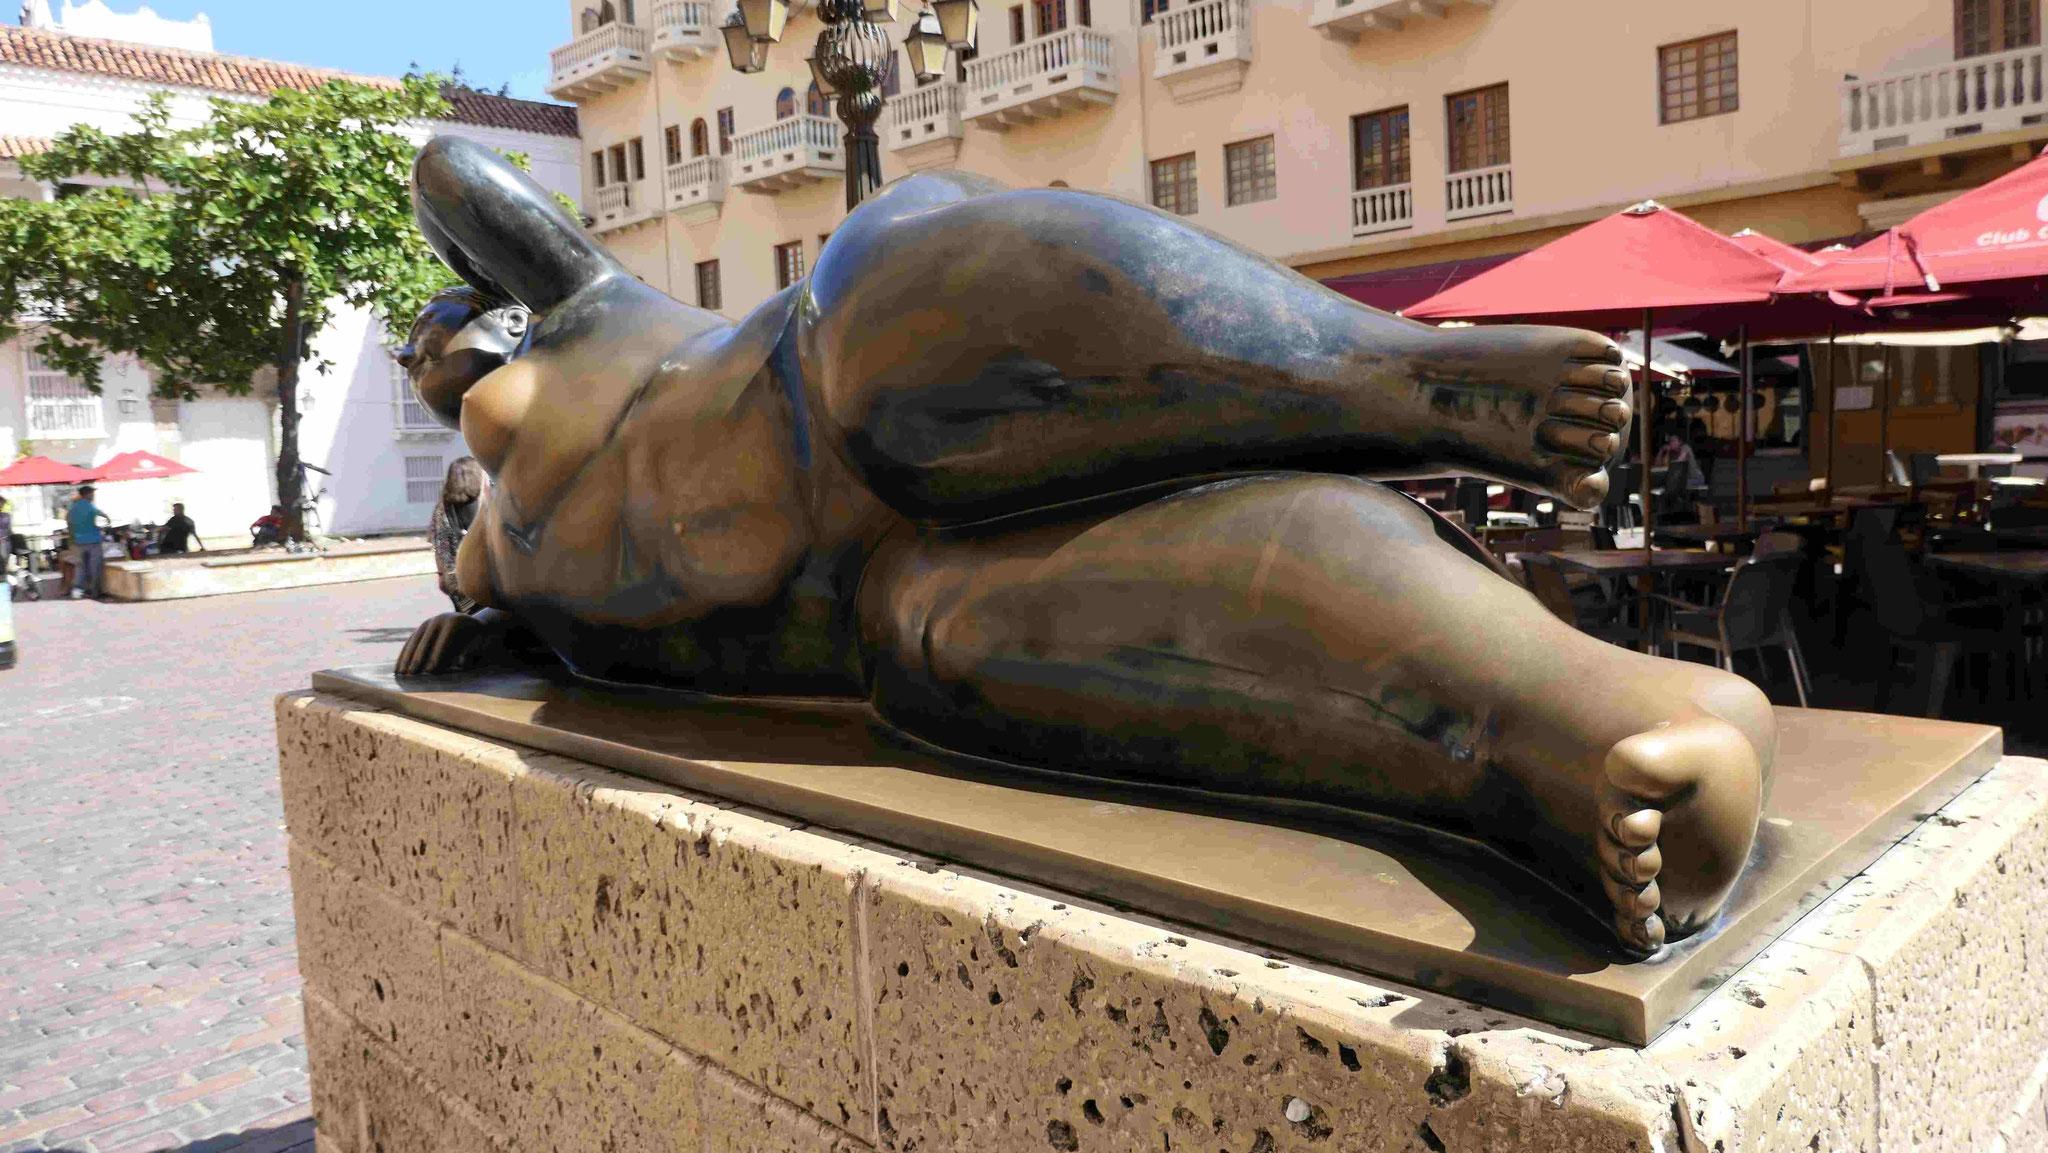 Fernando Botero: Liegende an der Kathedrale von Catagena de Indias/Kolumbien